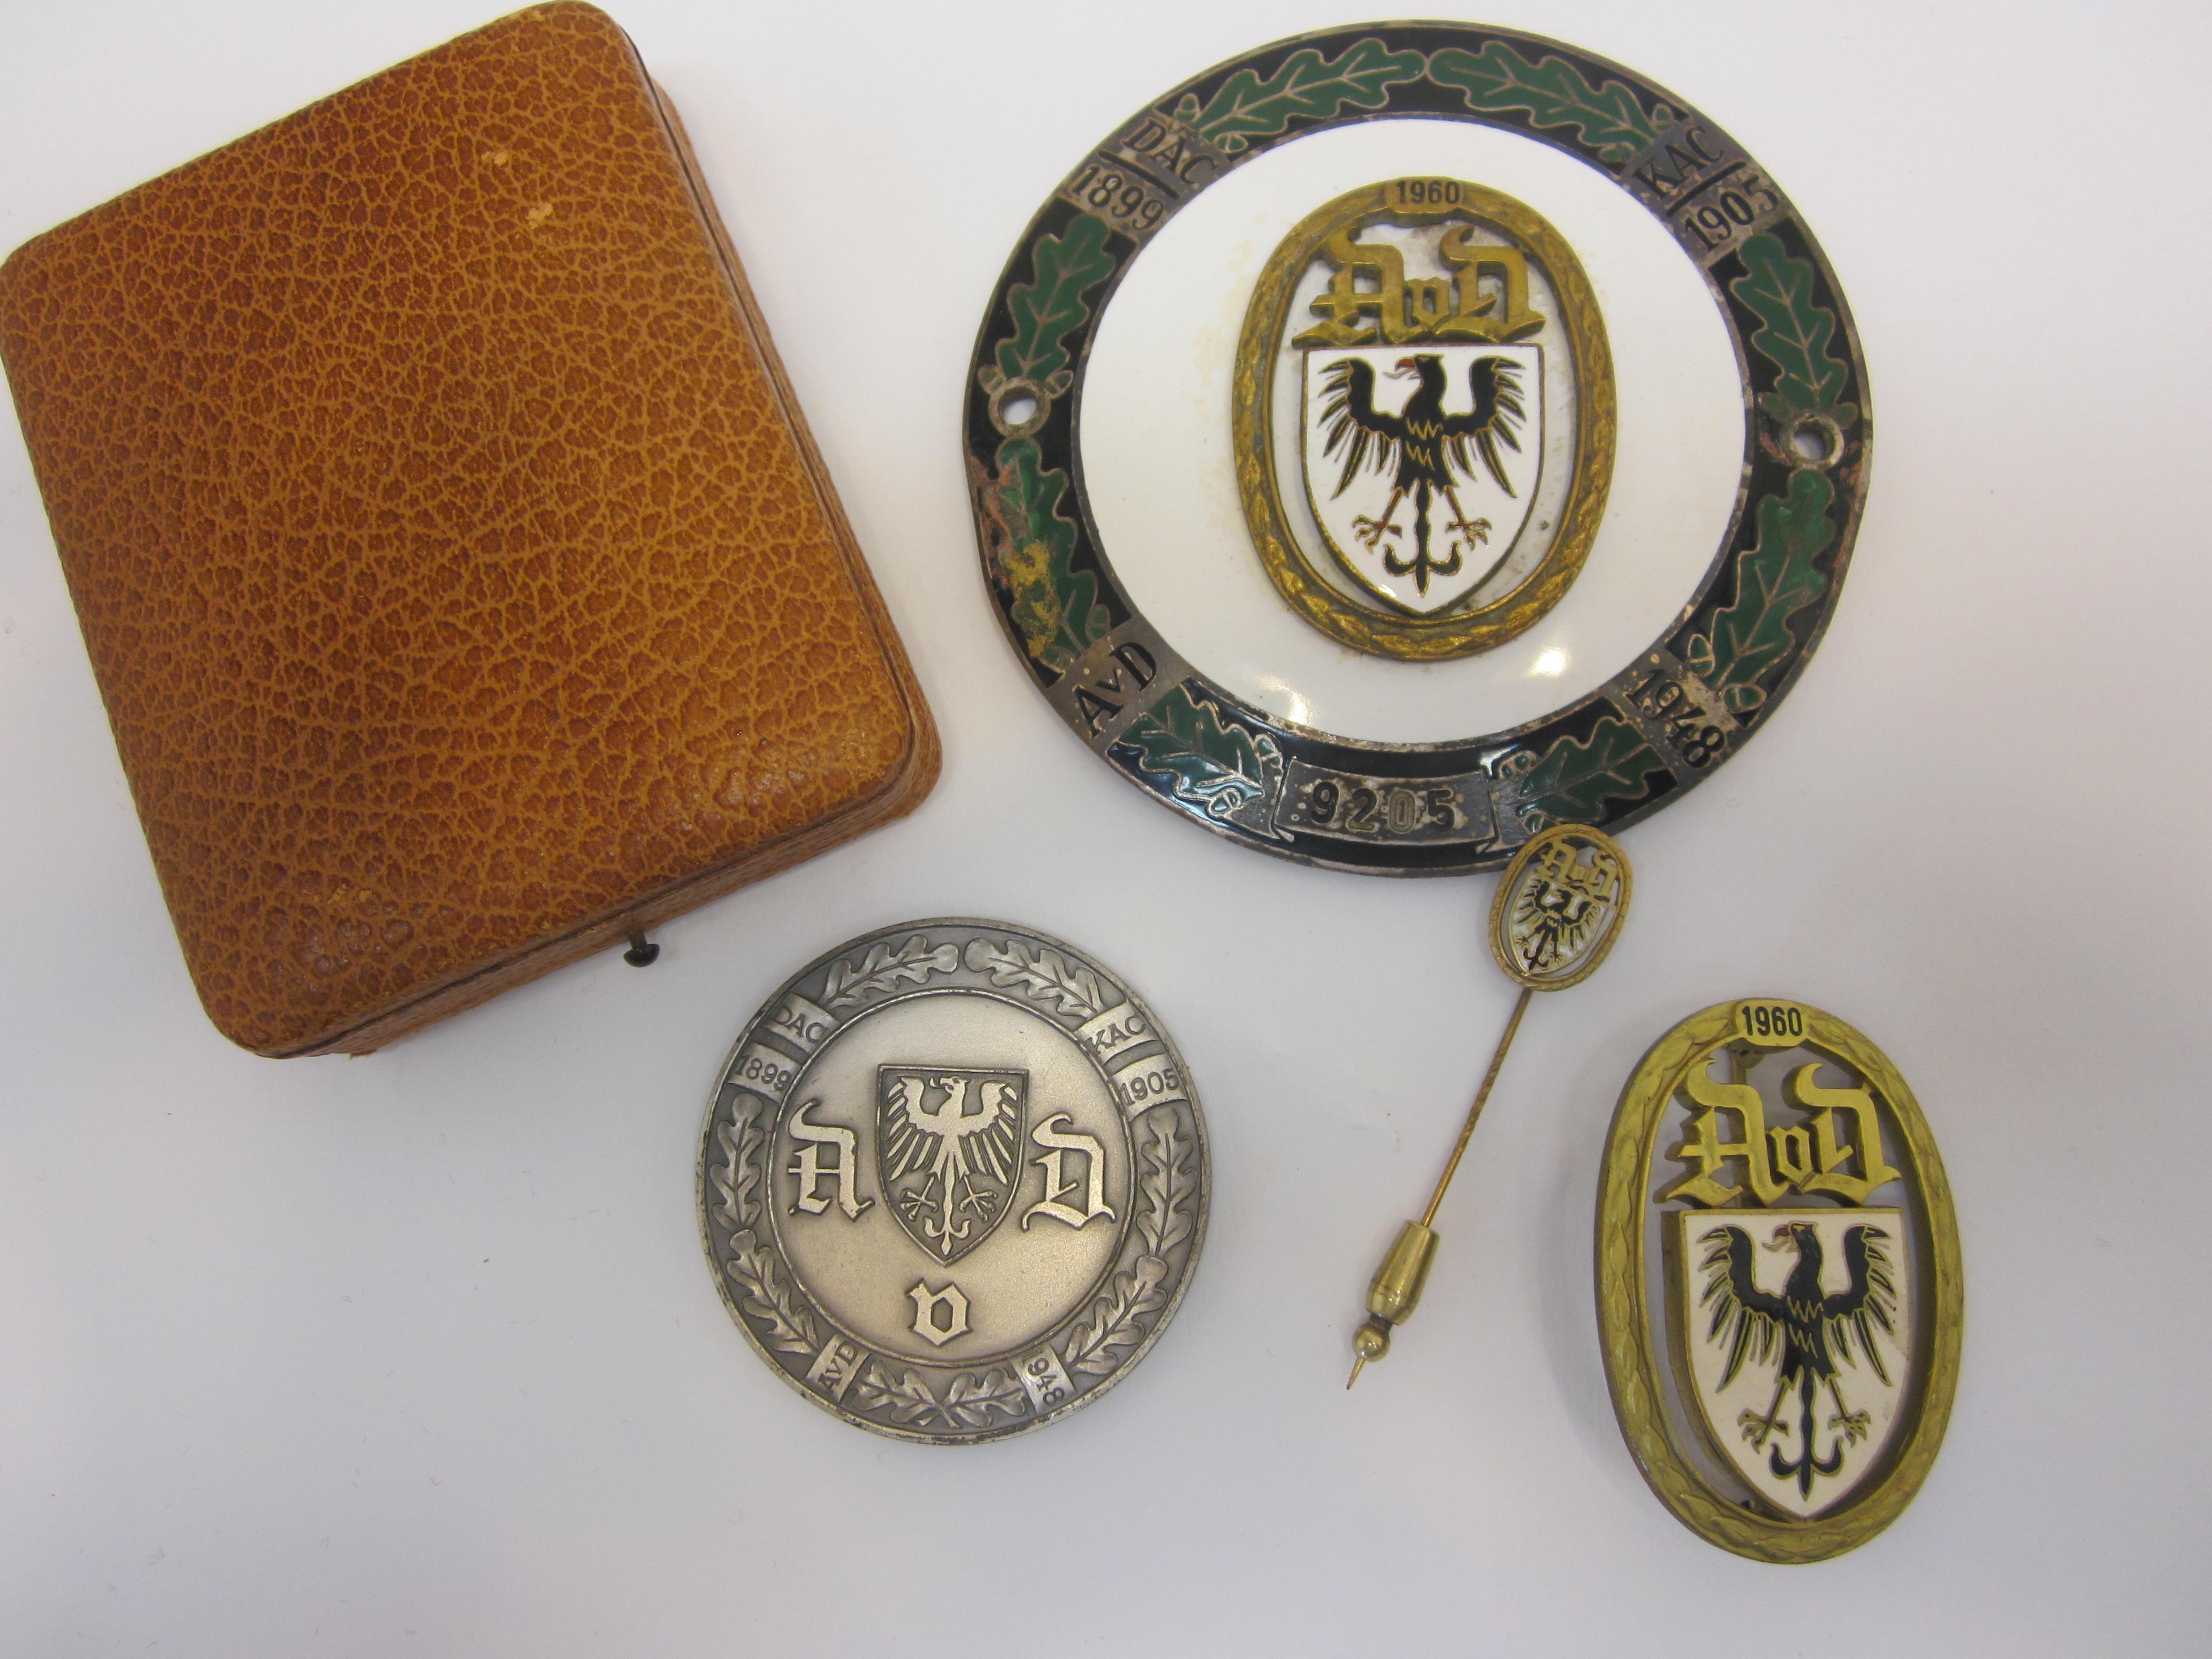 Adac Car Grill Badge Emblem Logos Metal Enamled Car Grill Badge Emblem Demand Exceeding Supply Badges & Mascots Automobilia